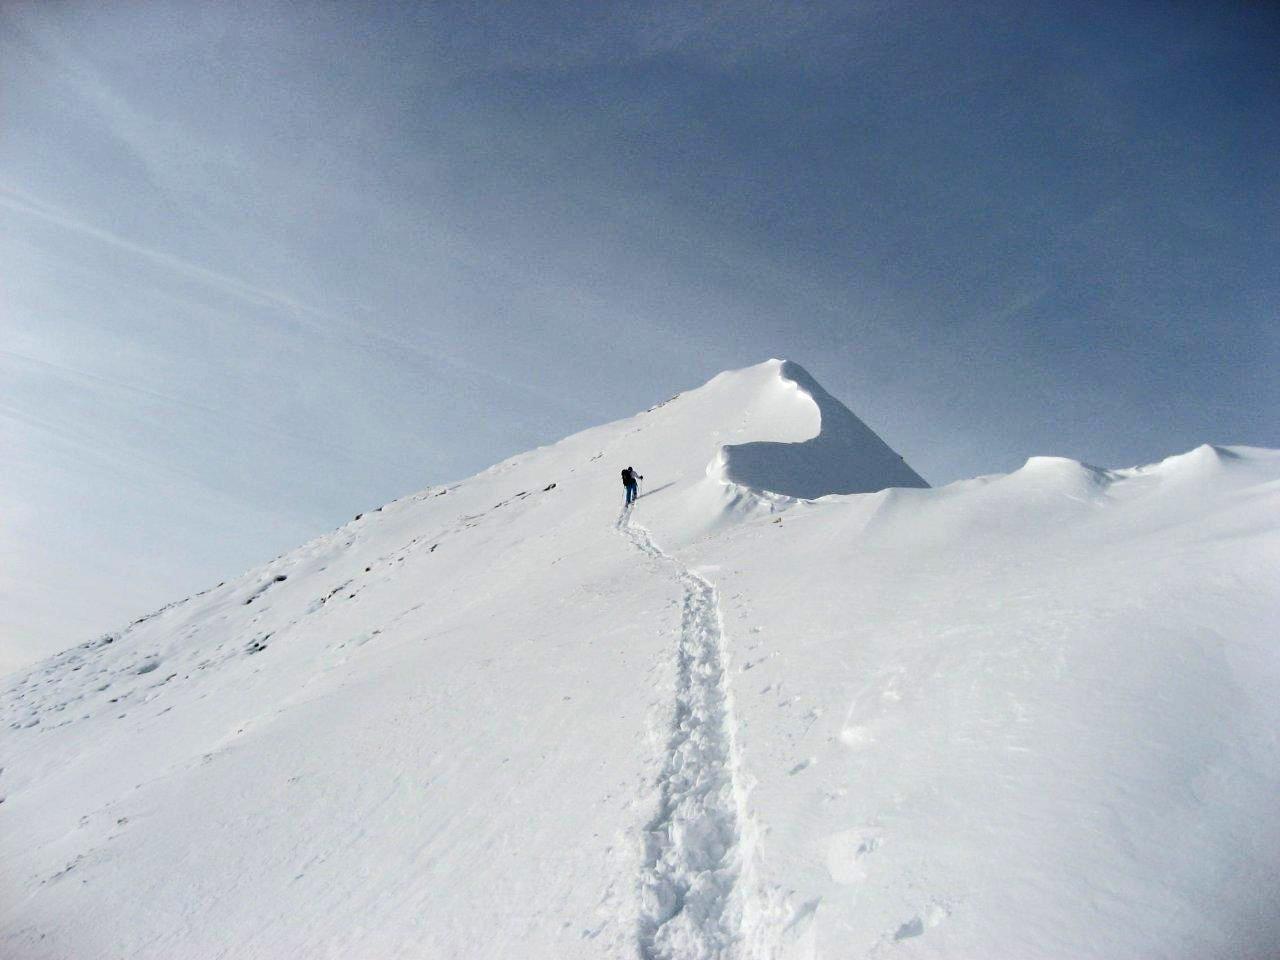 Der Berg wird im gleichen Stil, wie mit Skitourenskier bestiegen.